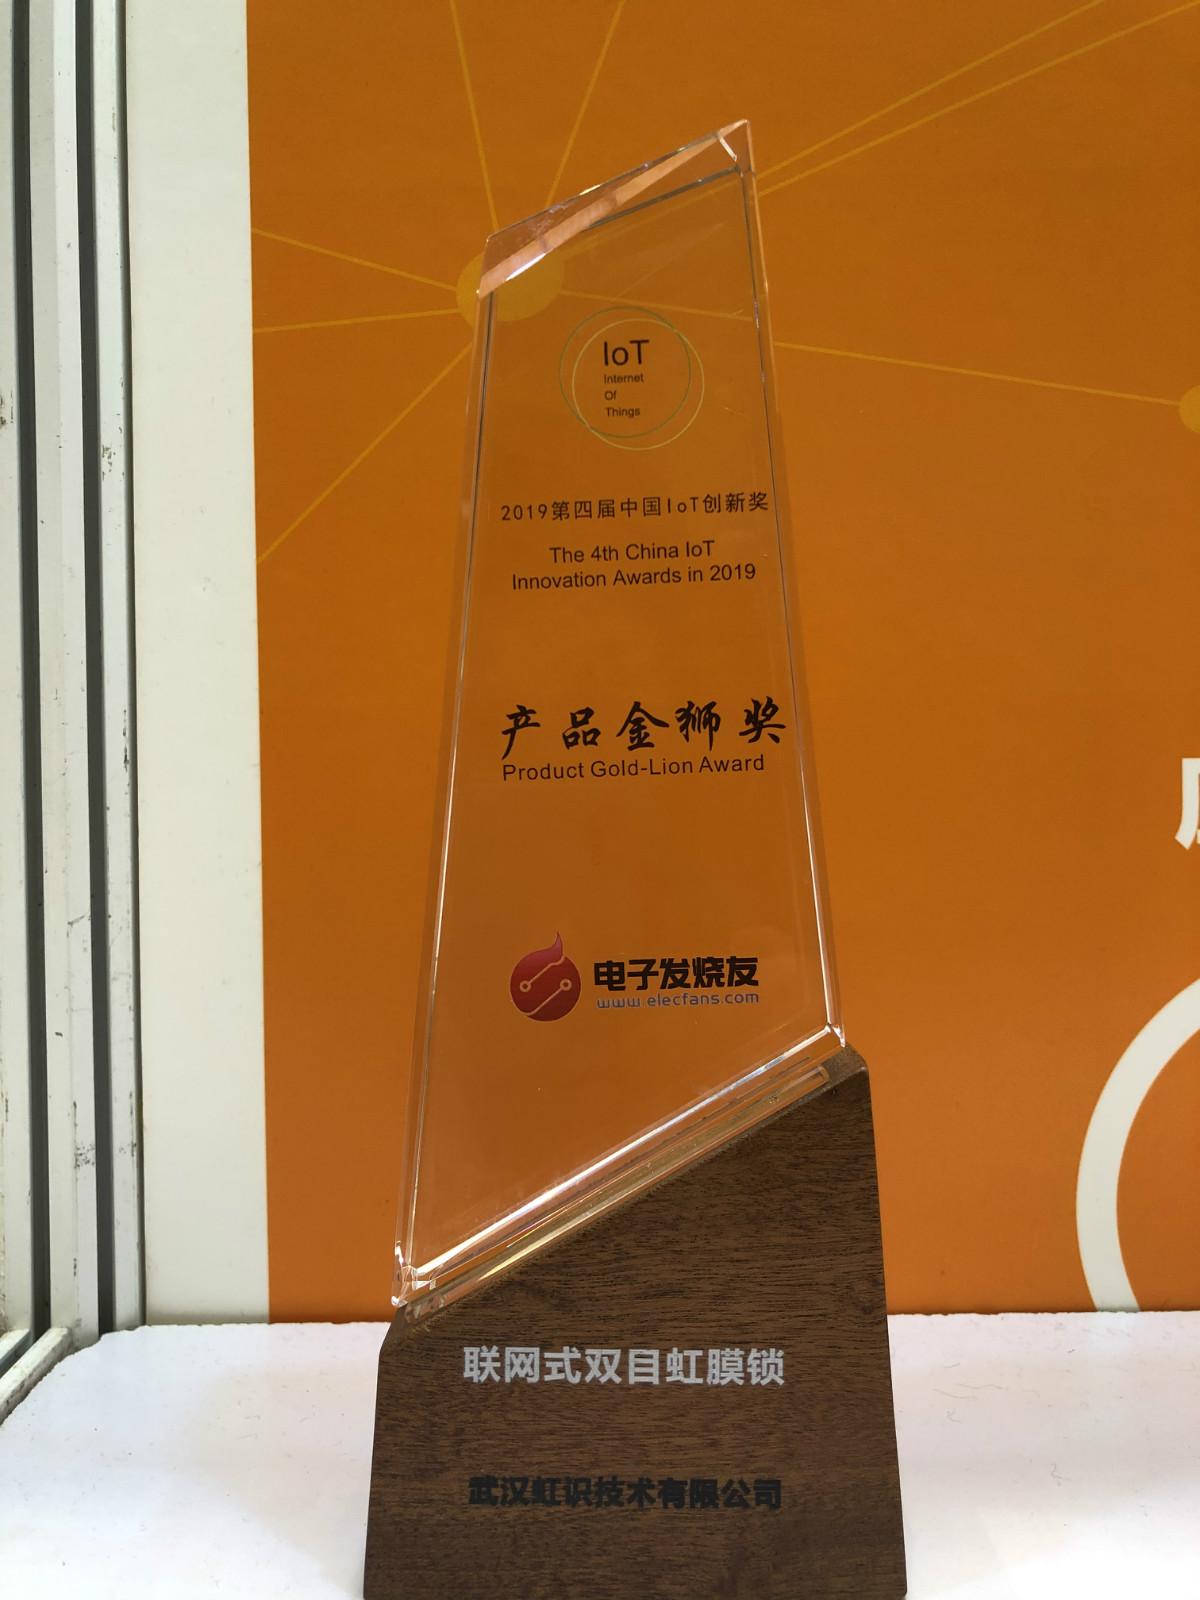 喜讯|创新赋能产业发展 虹识技术接连斩获物联网行业两项大奖